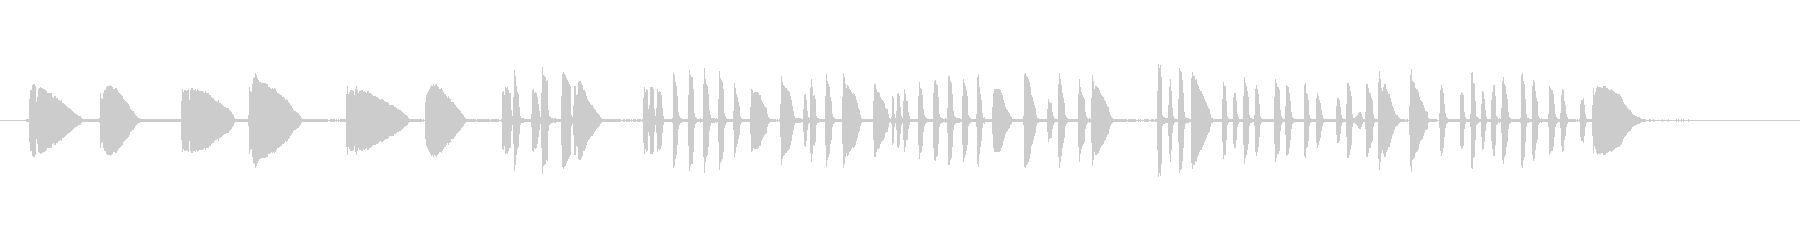 ビューグル敬礼将軍-軍隊、ビューグ...の未再生の波形